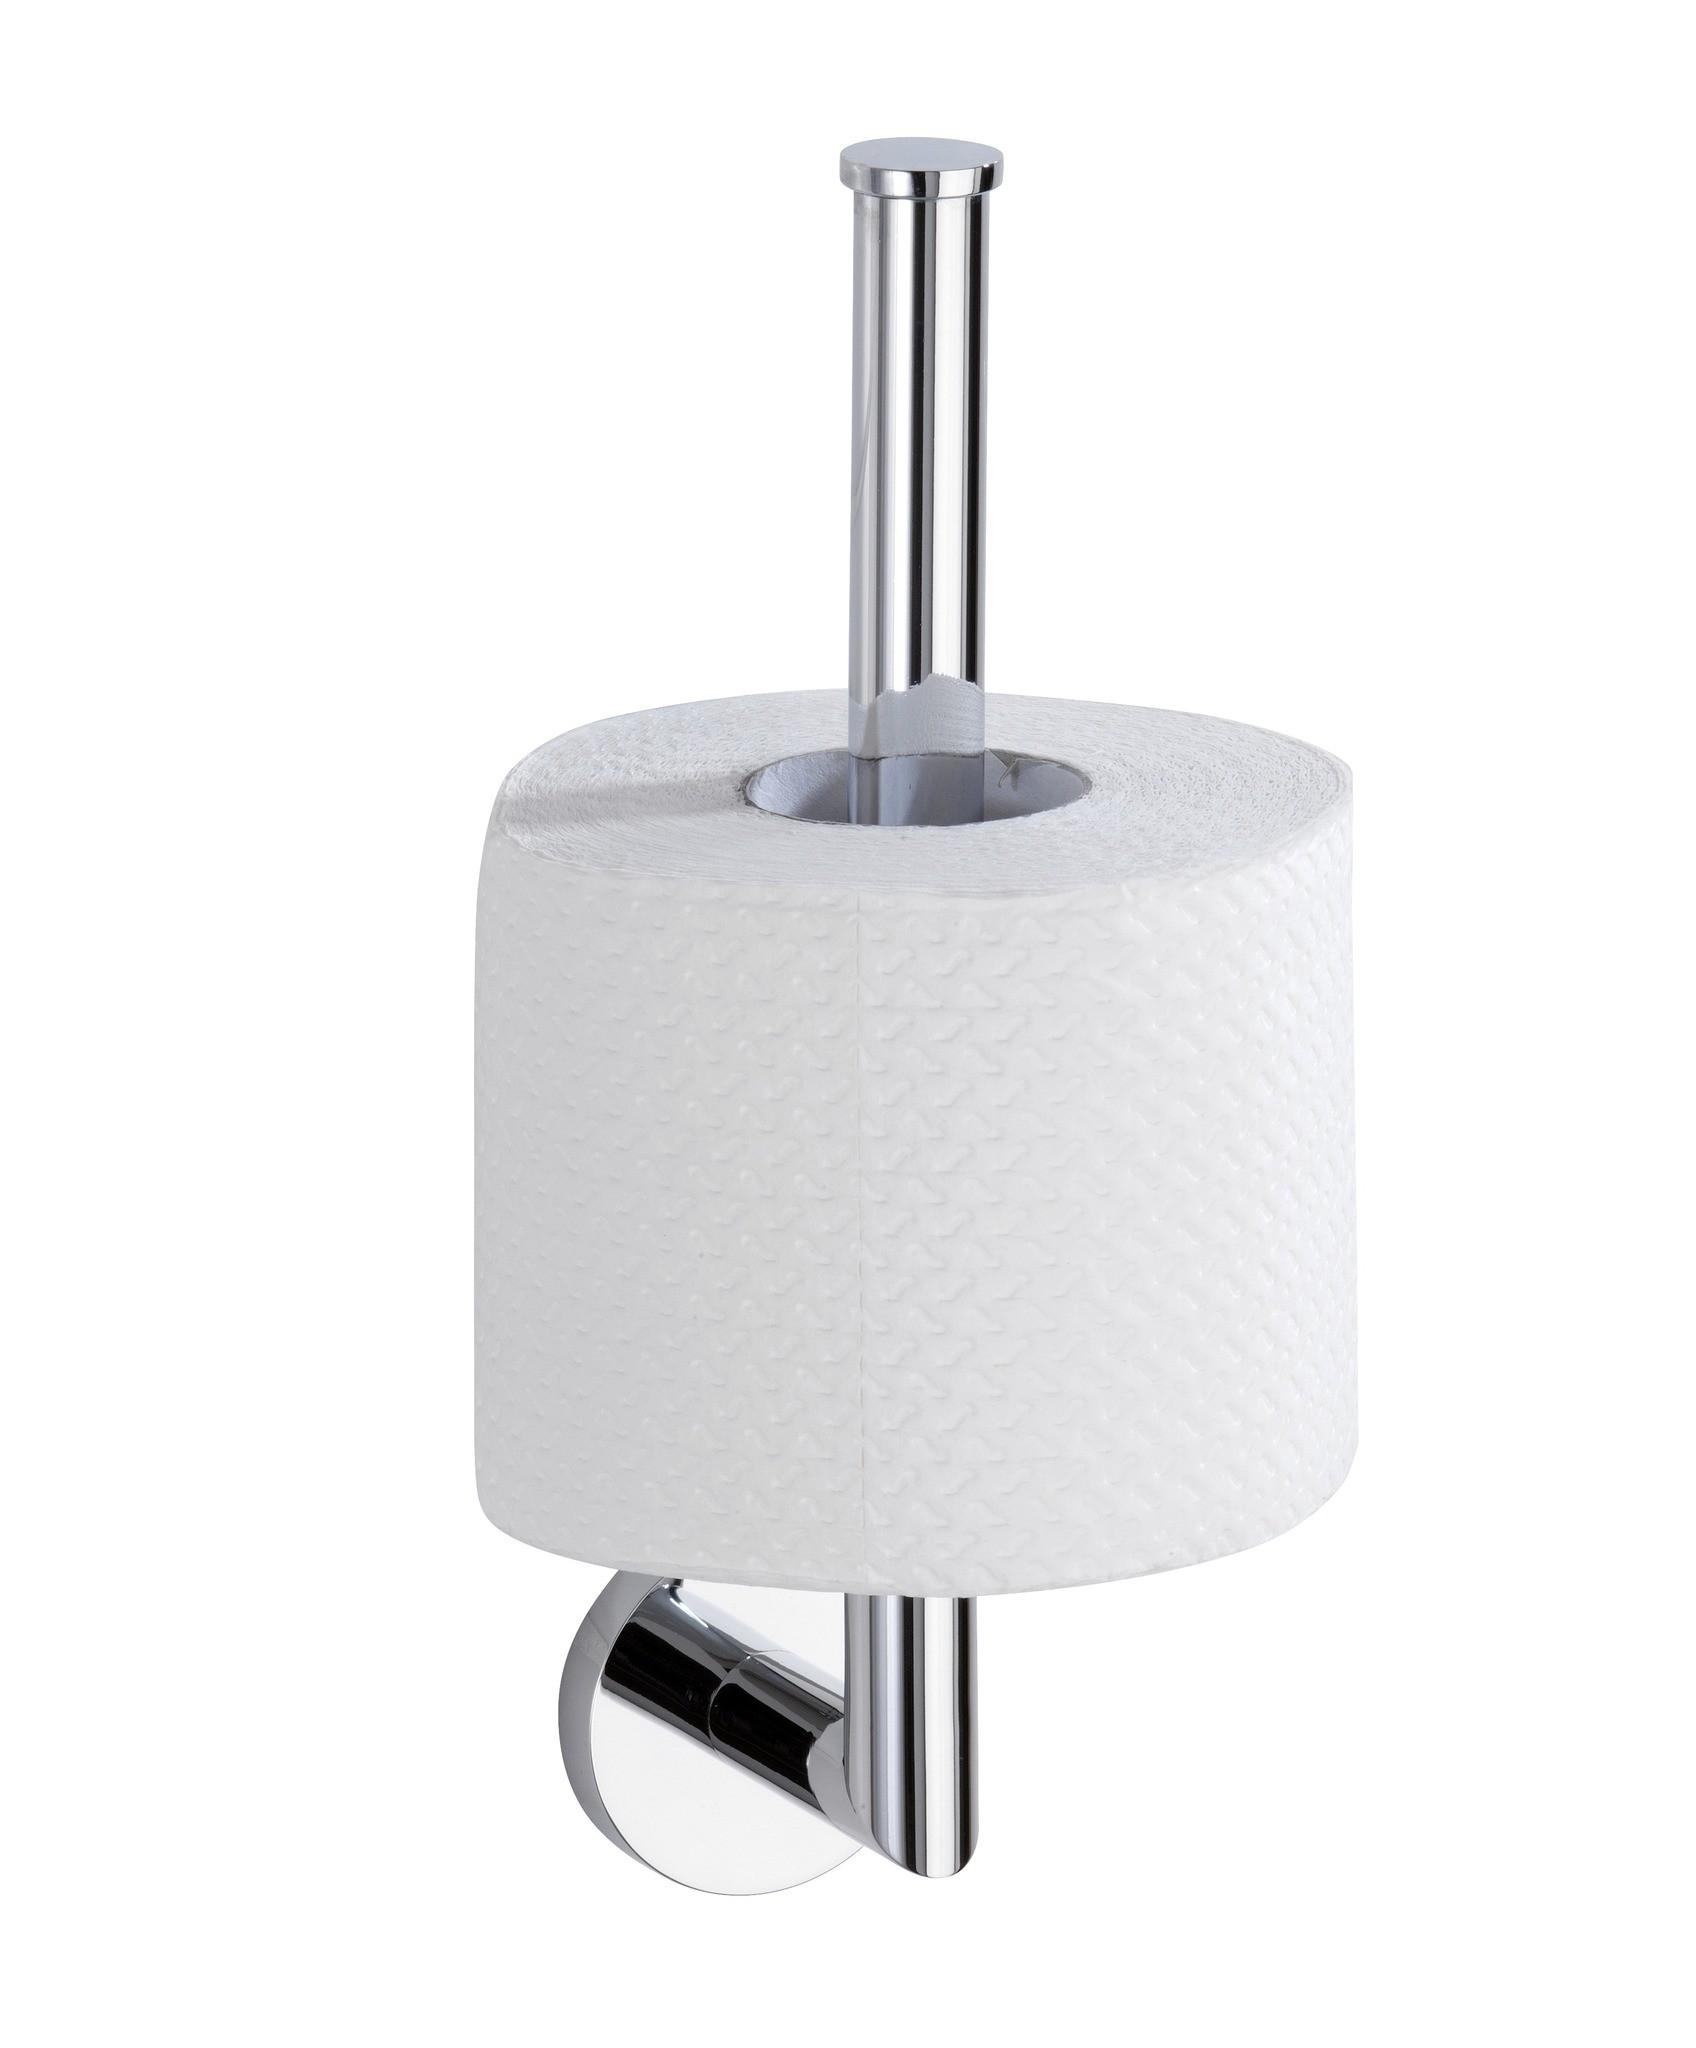 Power-Loc Toilettenpapier-Ersatzrollenhalter Revello, Befestigen ohne bohren